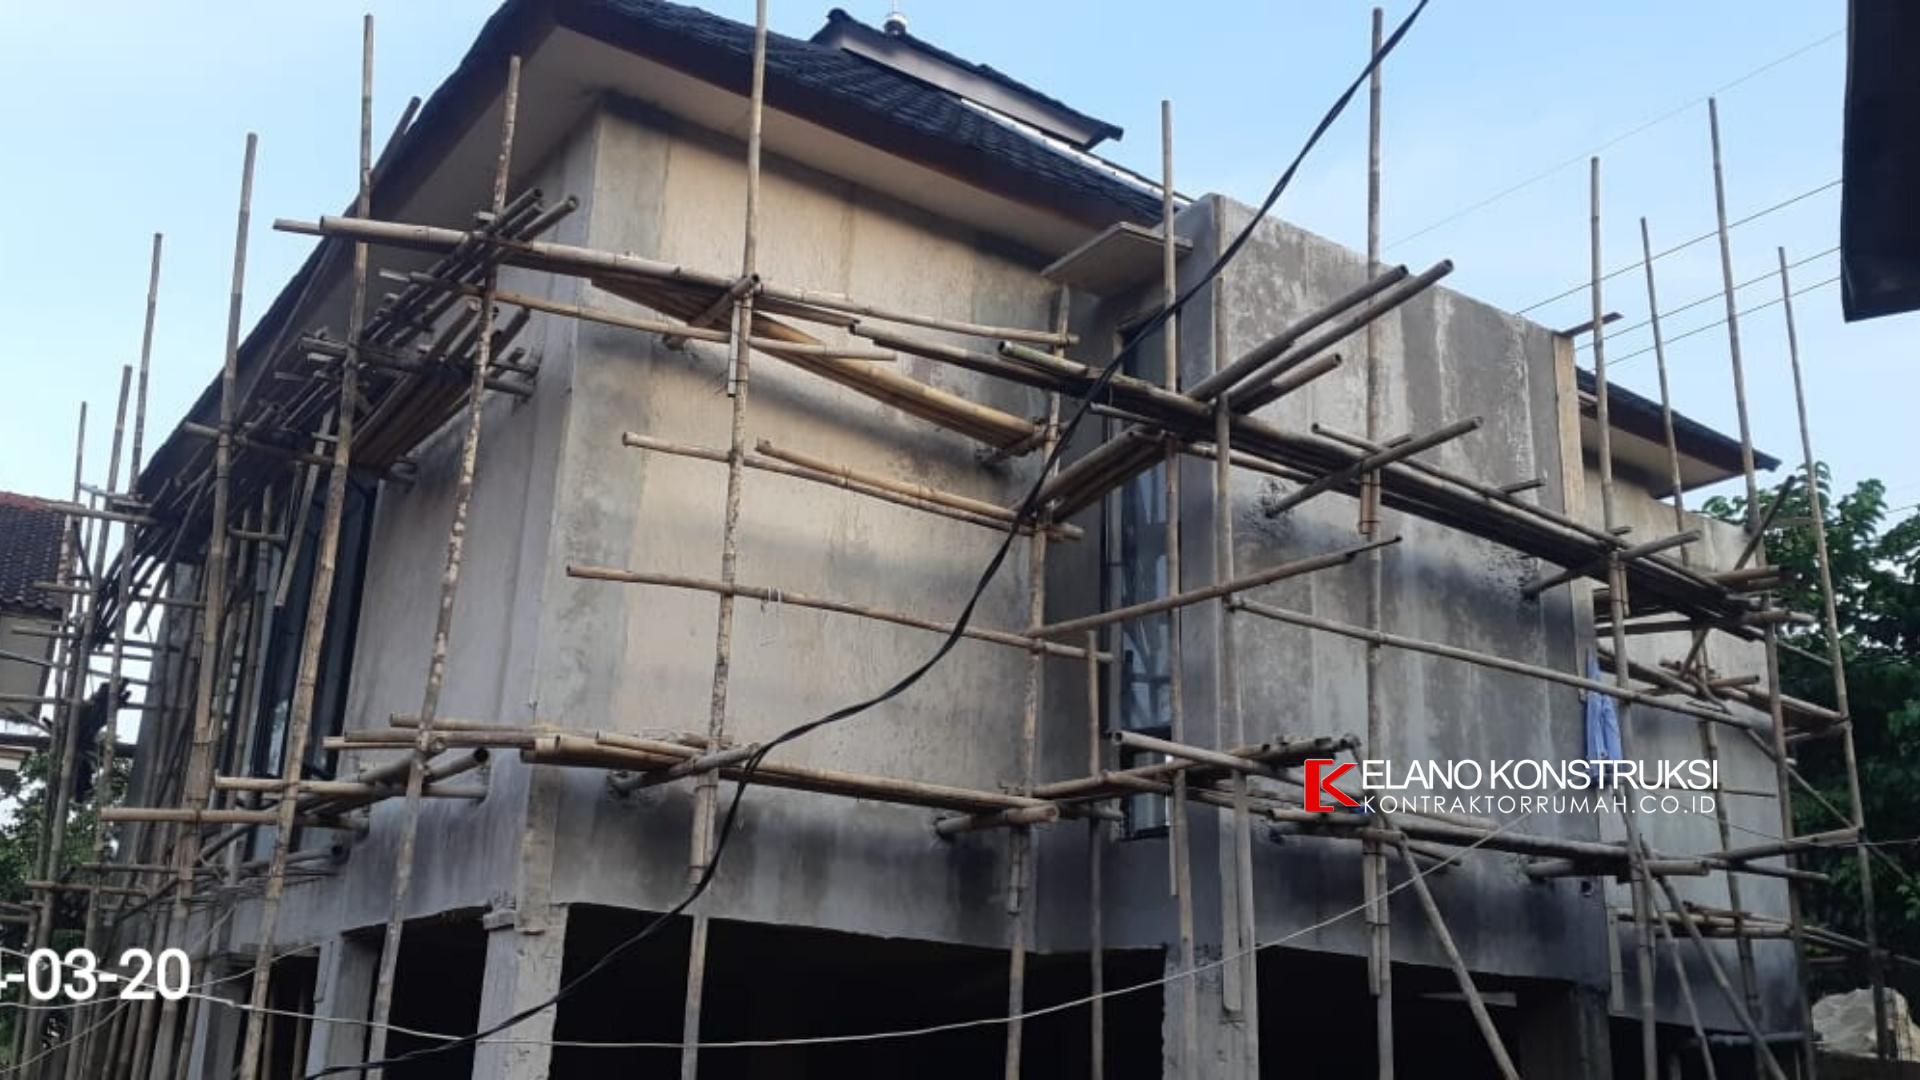 7 - Konstruksi Masjid Pesantren Alanwariyah 230 M2 Banten Jawa Barat